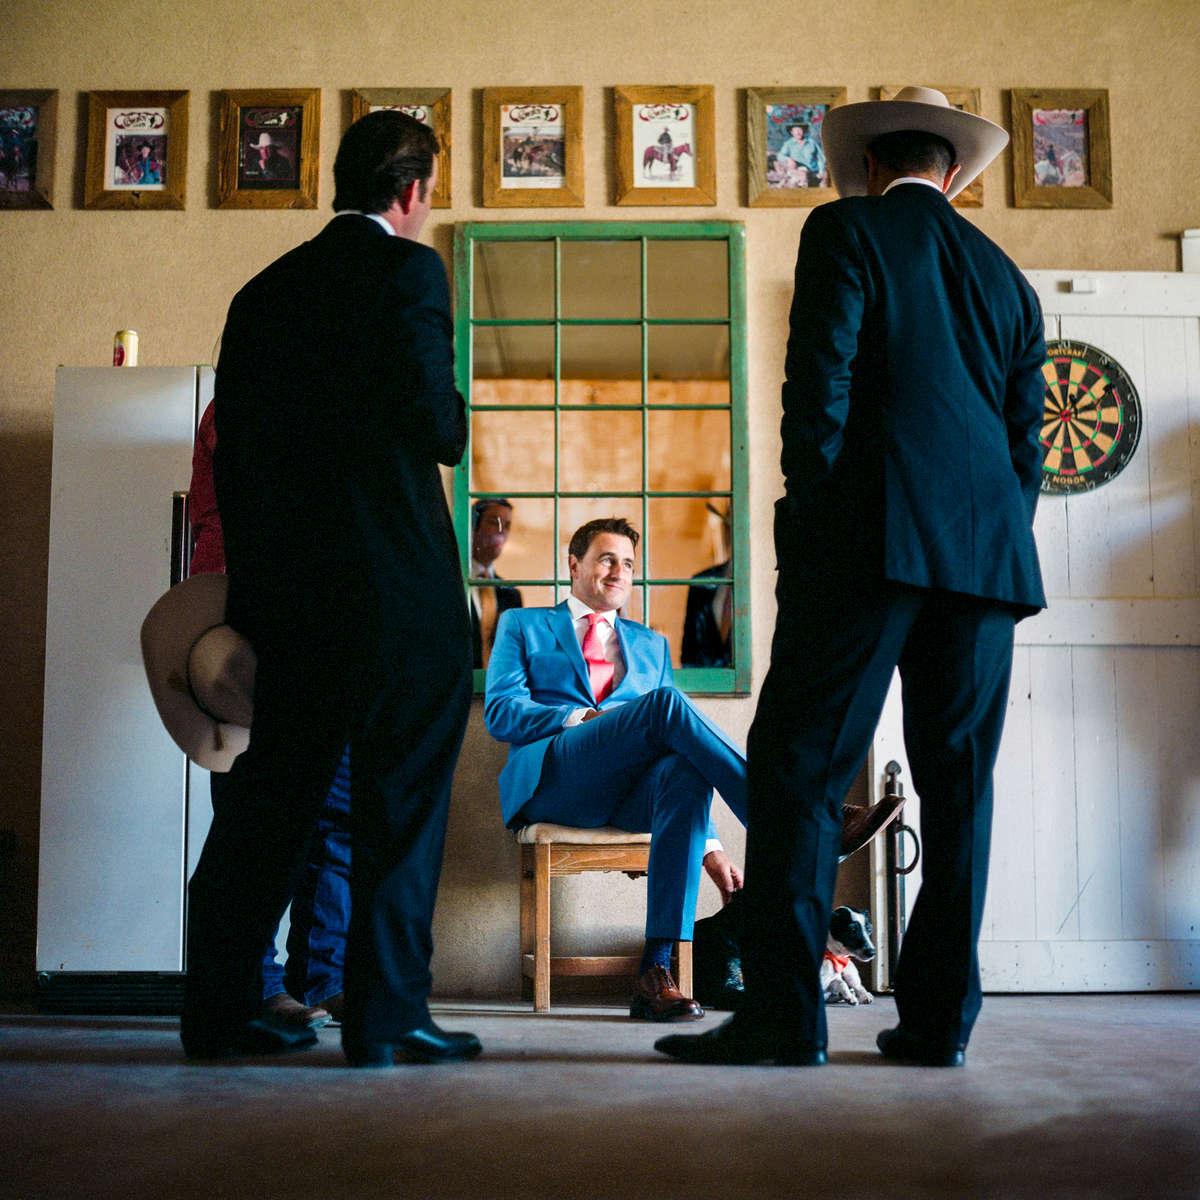 Ranch_Wedding_Photos_03